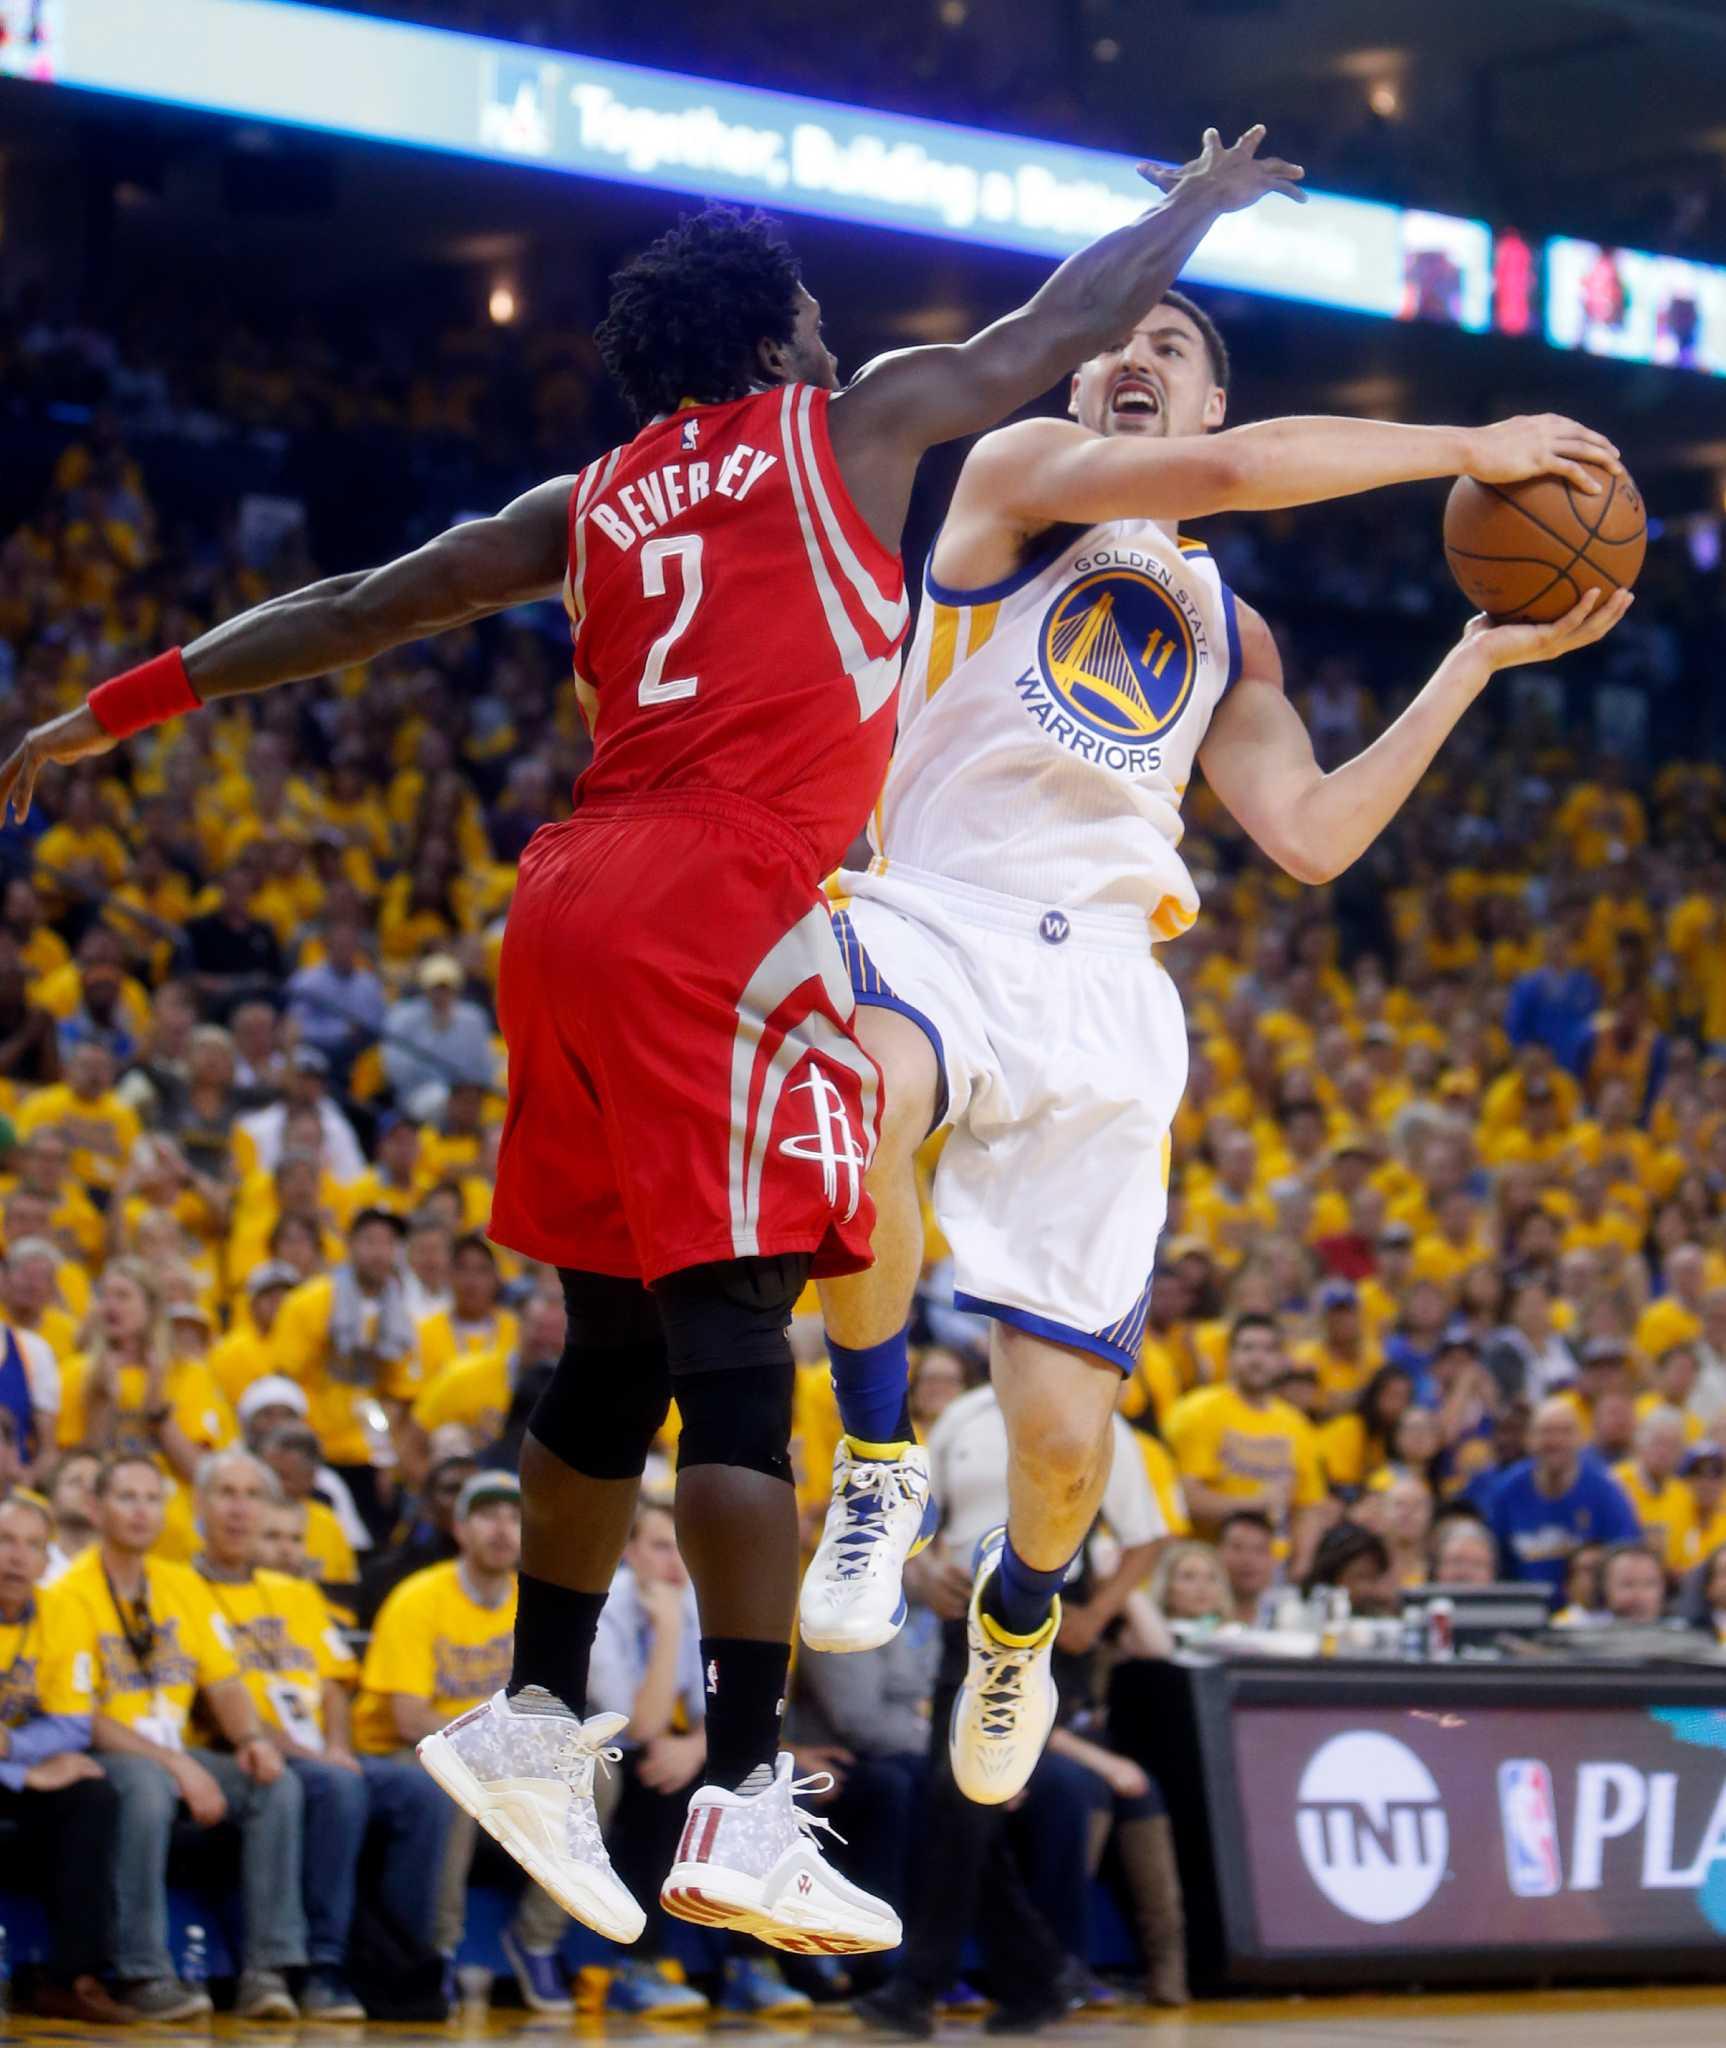 Rockets Vs Warriors Games: Rockets Vs. Warriors Game 2 Breakdown